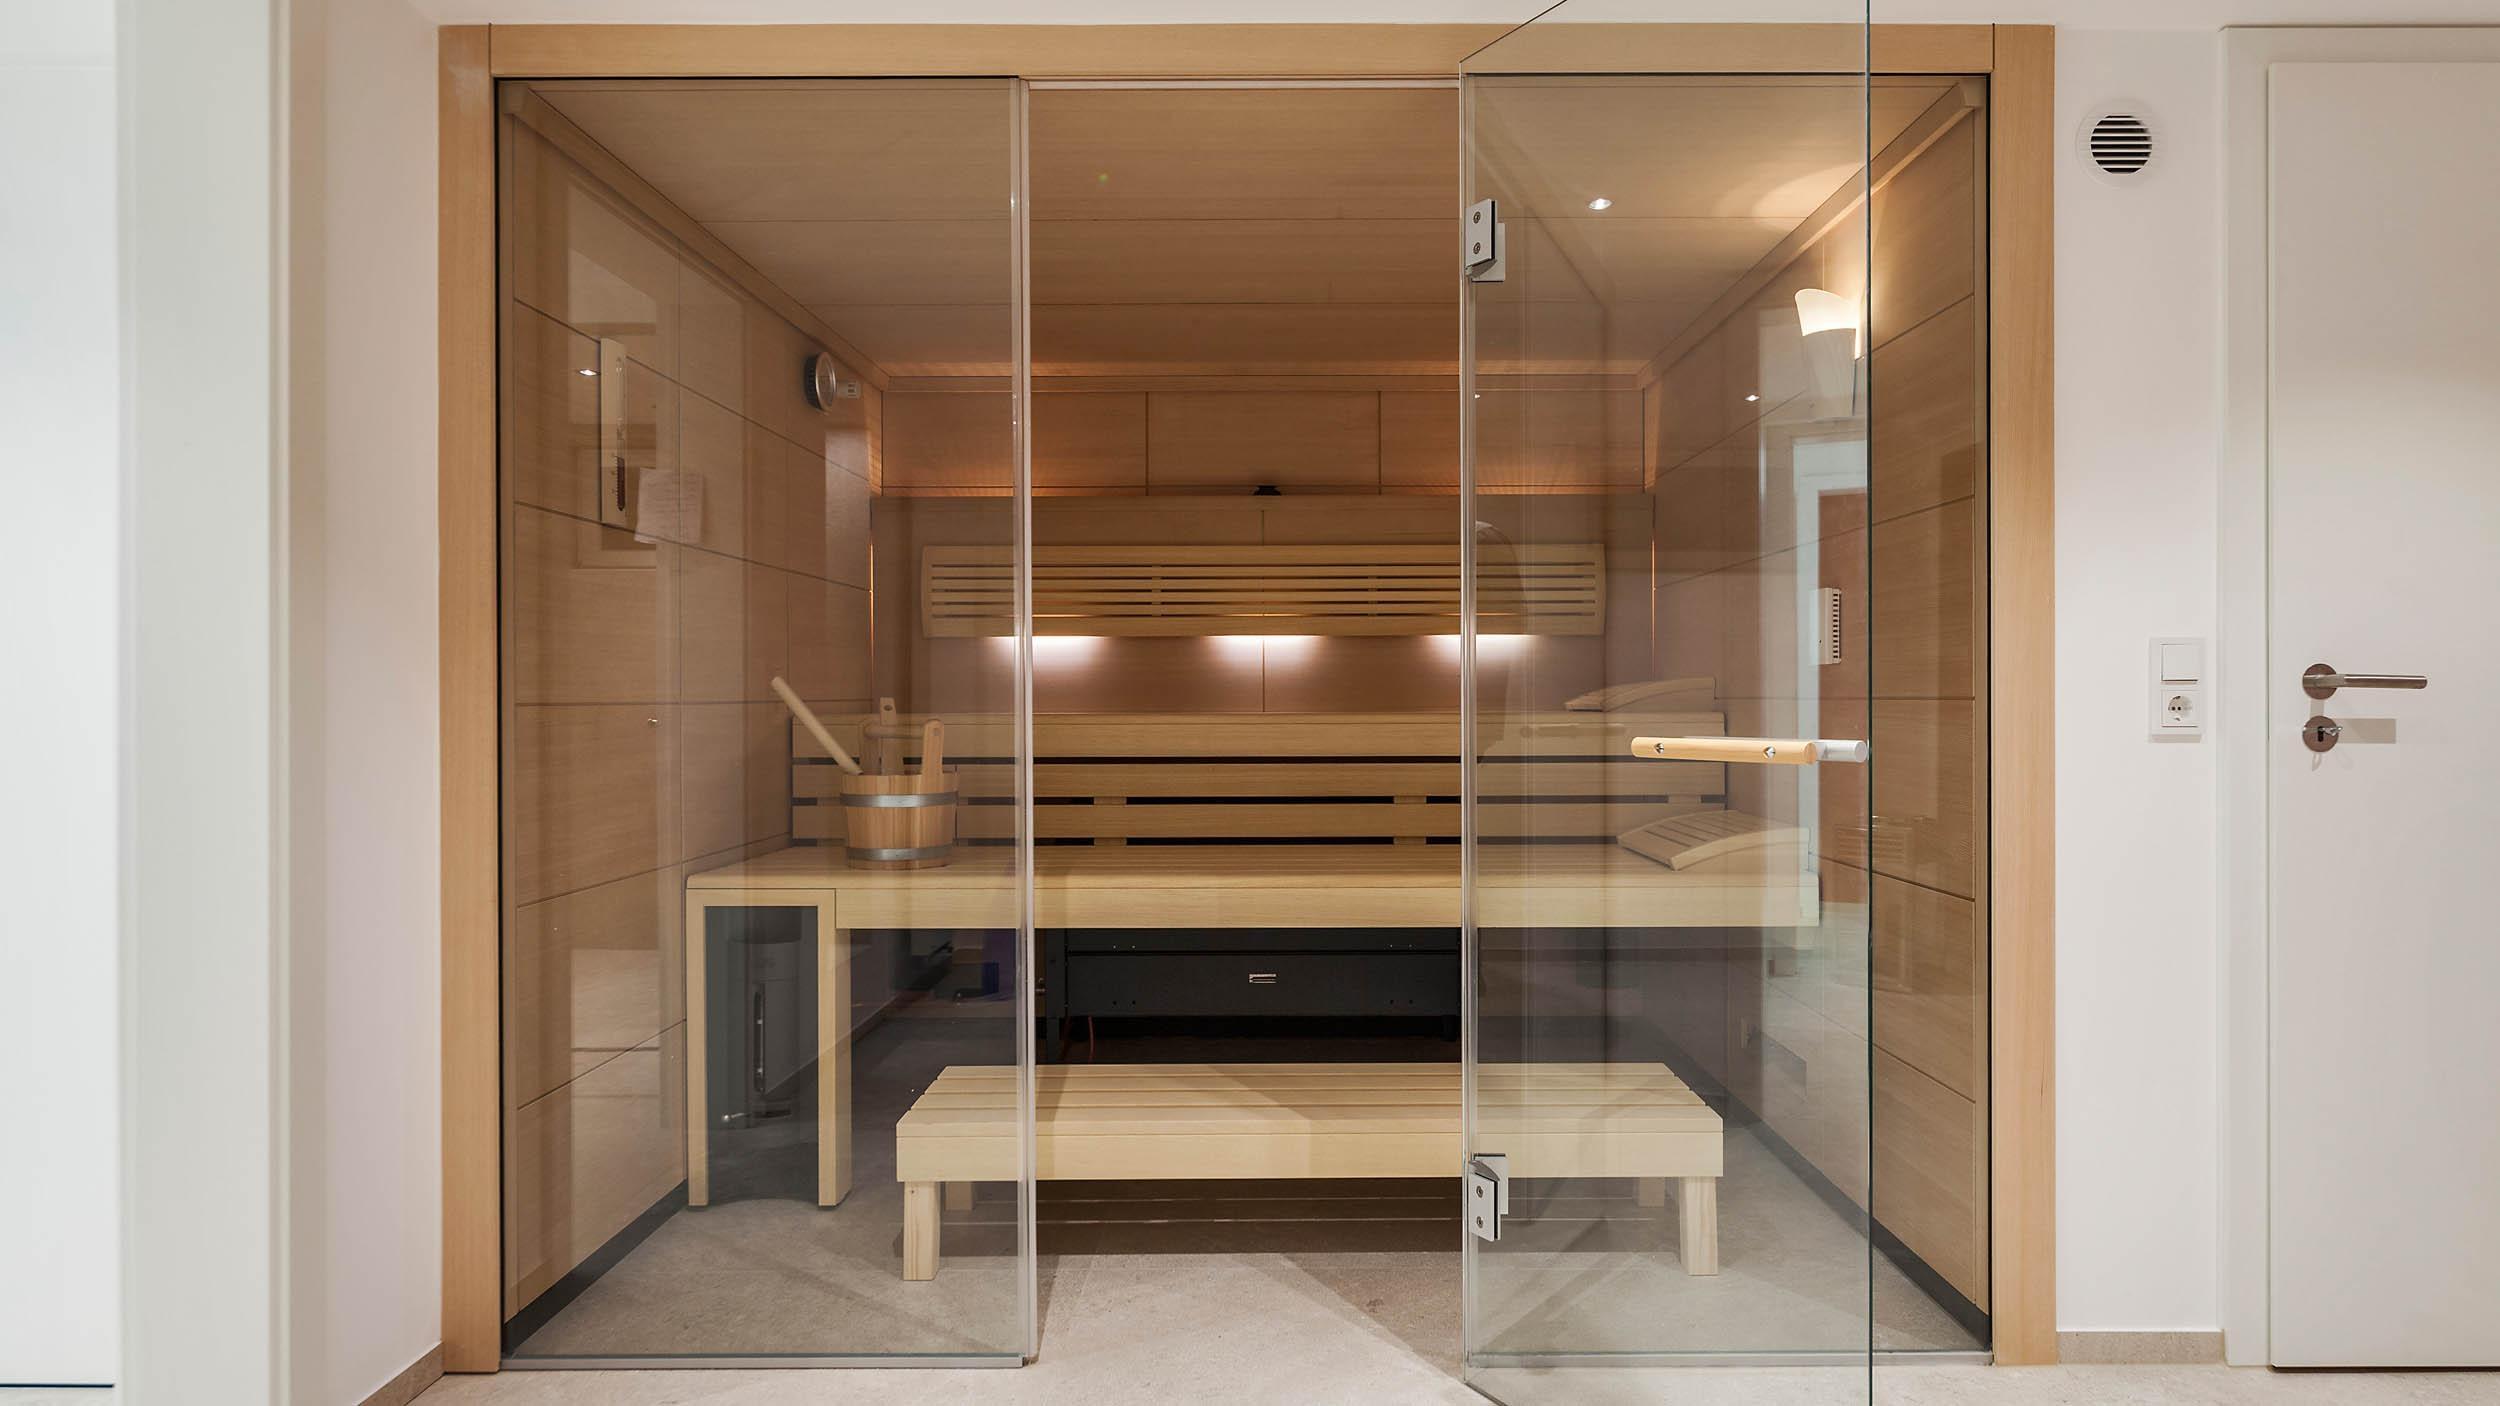 anzeige bestebadstudios badezimmer bad sauna modernesbadezimmer holz